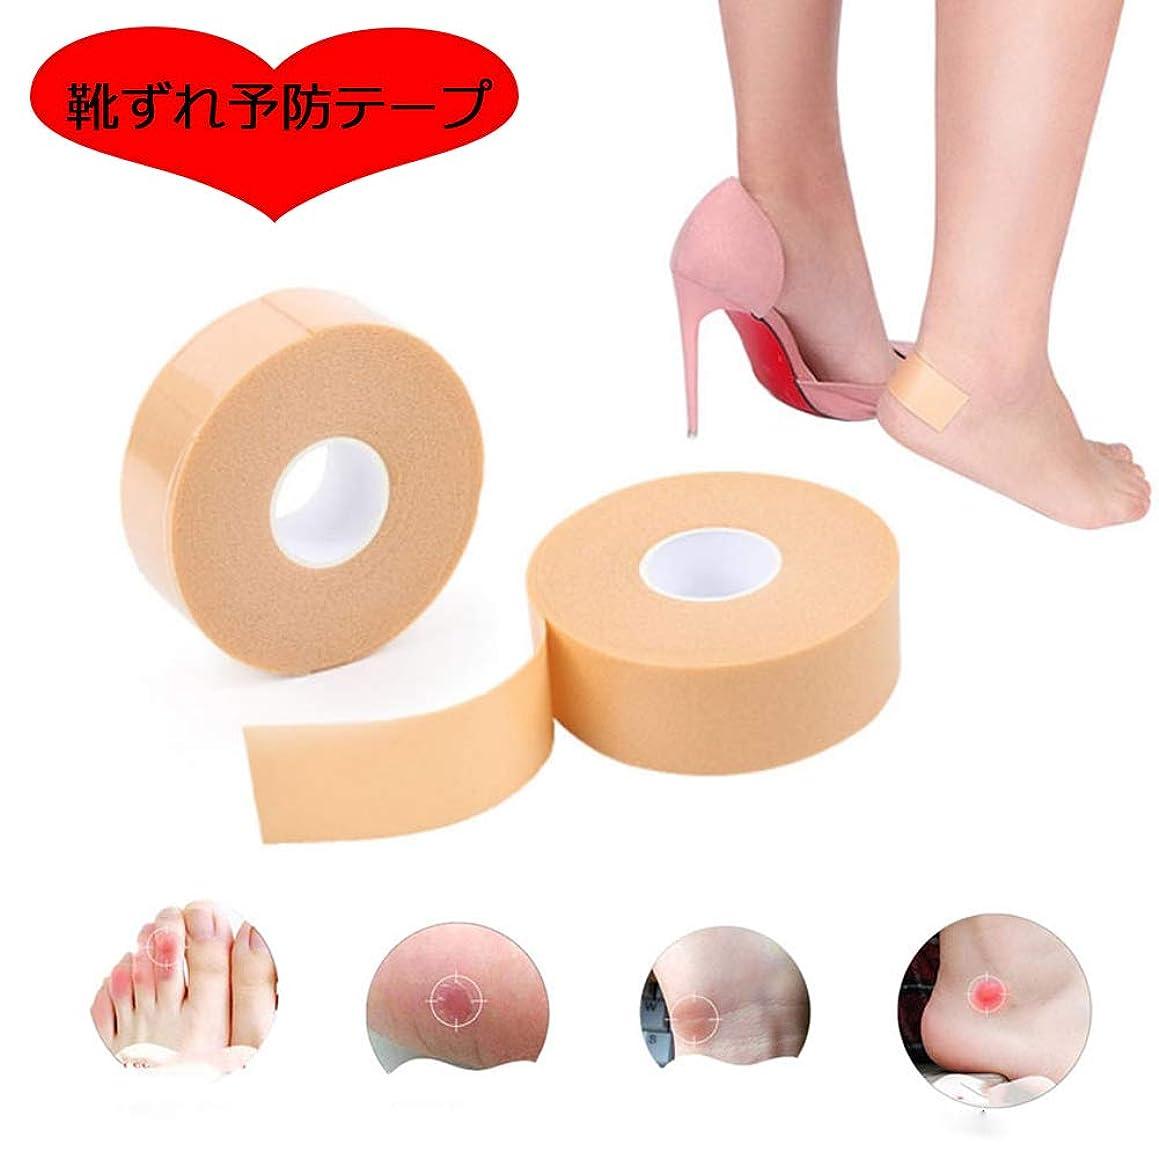 赤面有力者卒業靴ずれ予防テープ EXTSUD 靴擦れ防止 かかと パッド ヒールステッカーテープ 2.5cm*5m グ ラインドフットステッカー 切断可能 防水 かかと保護テープ 肌色 粘着 足痛み軽減 伸縮性抜群 男 女兼用